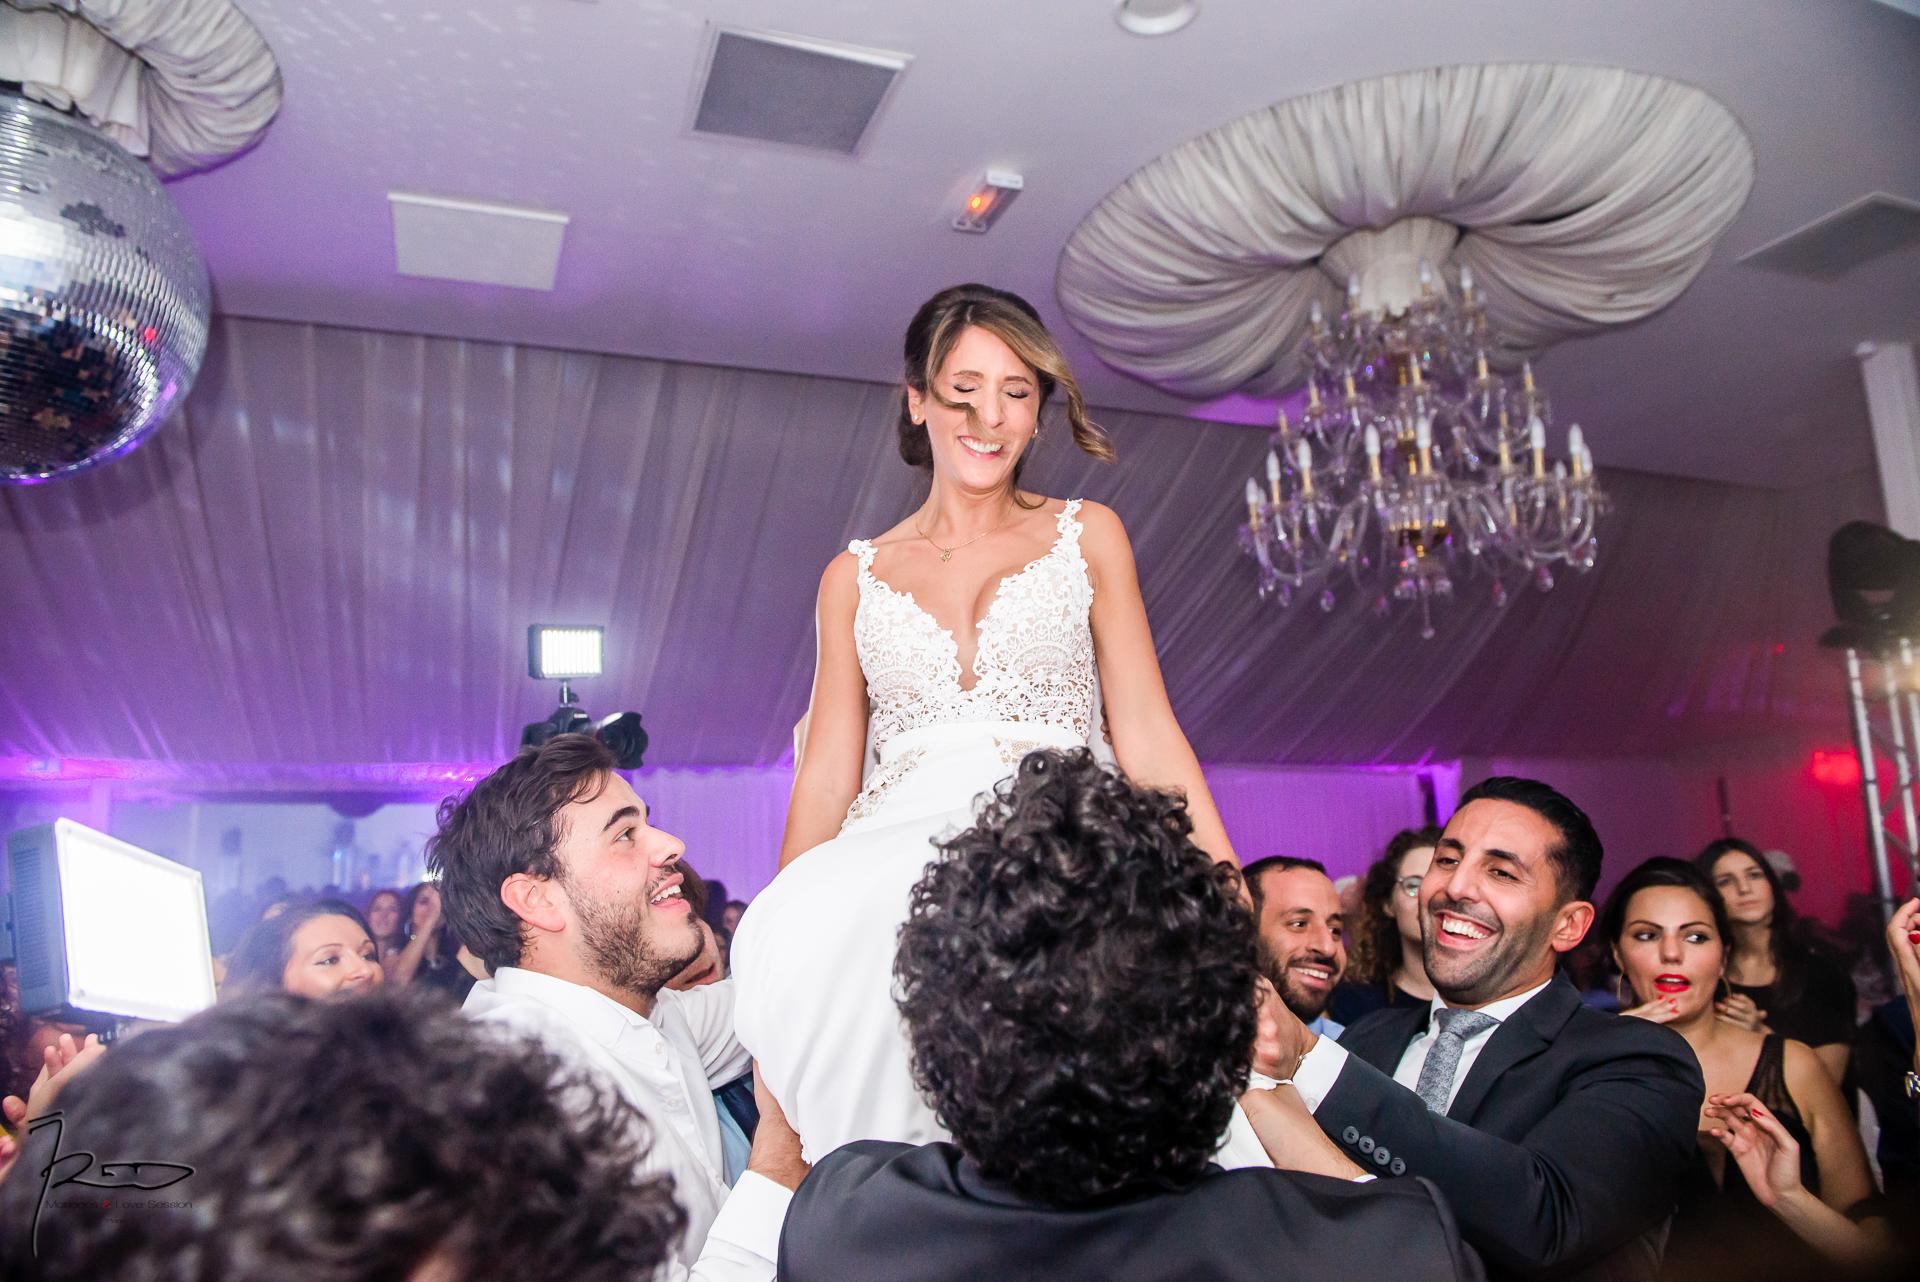 photographe mariage juif manoir des cygnes 132 photographe mariage paris - Photographe Mariage Juif